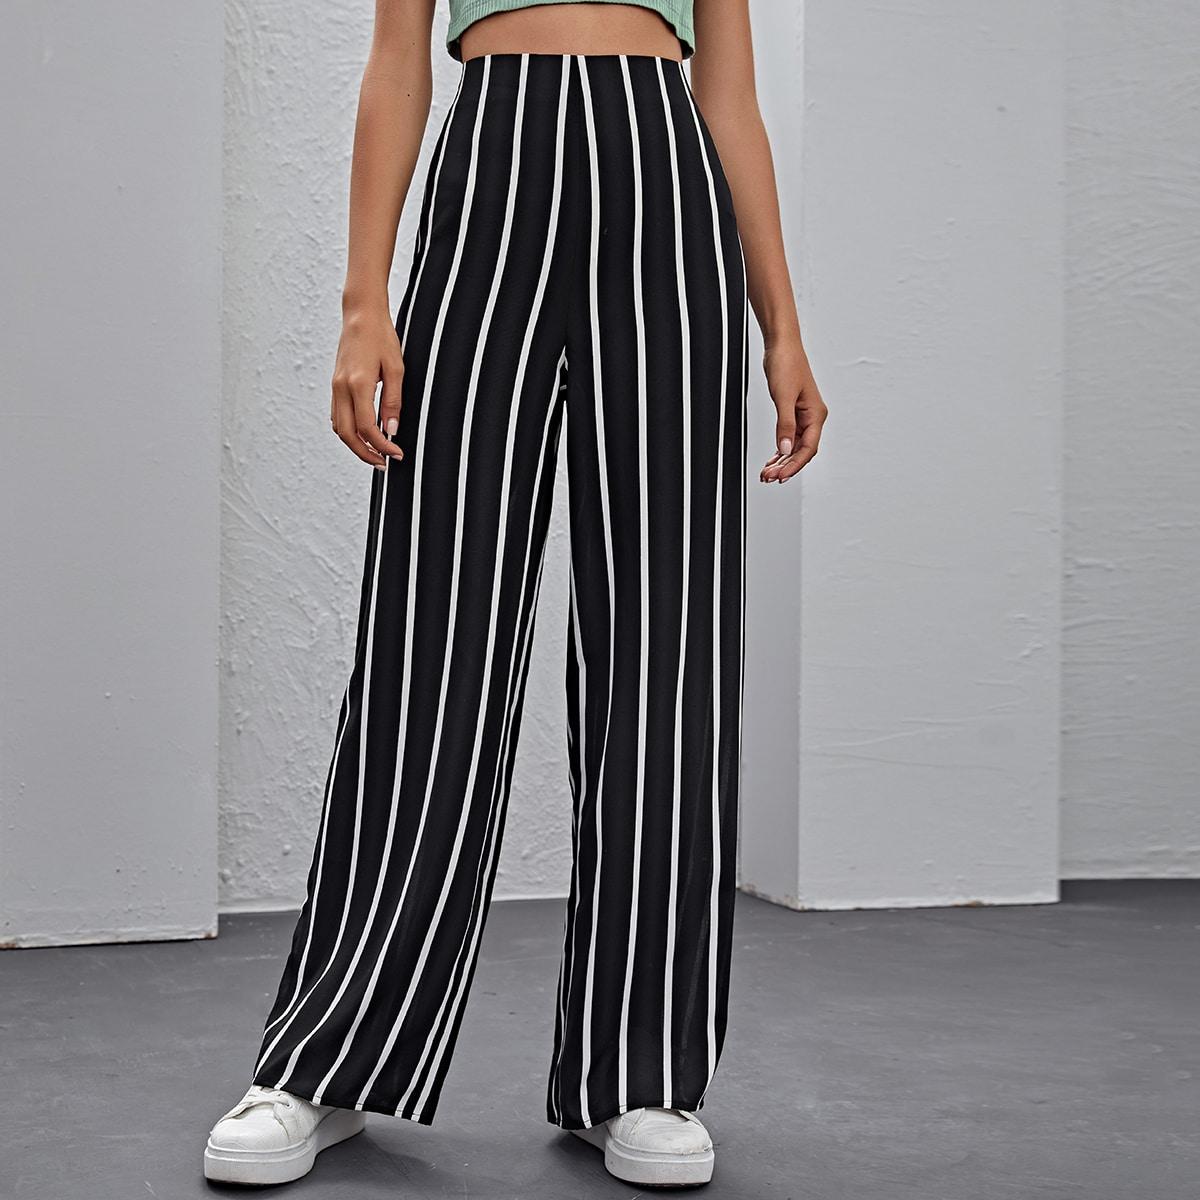 Pantalones de pierna ancha de rayas verticales